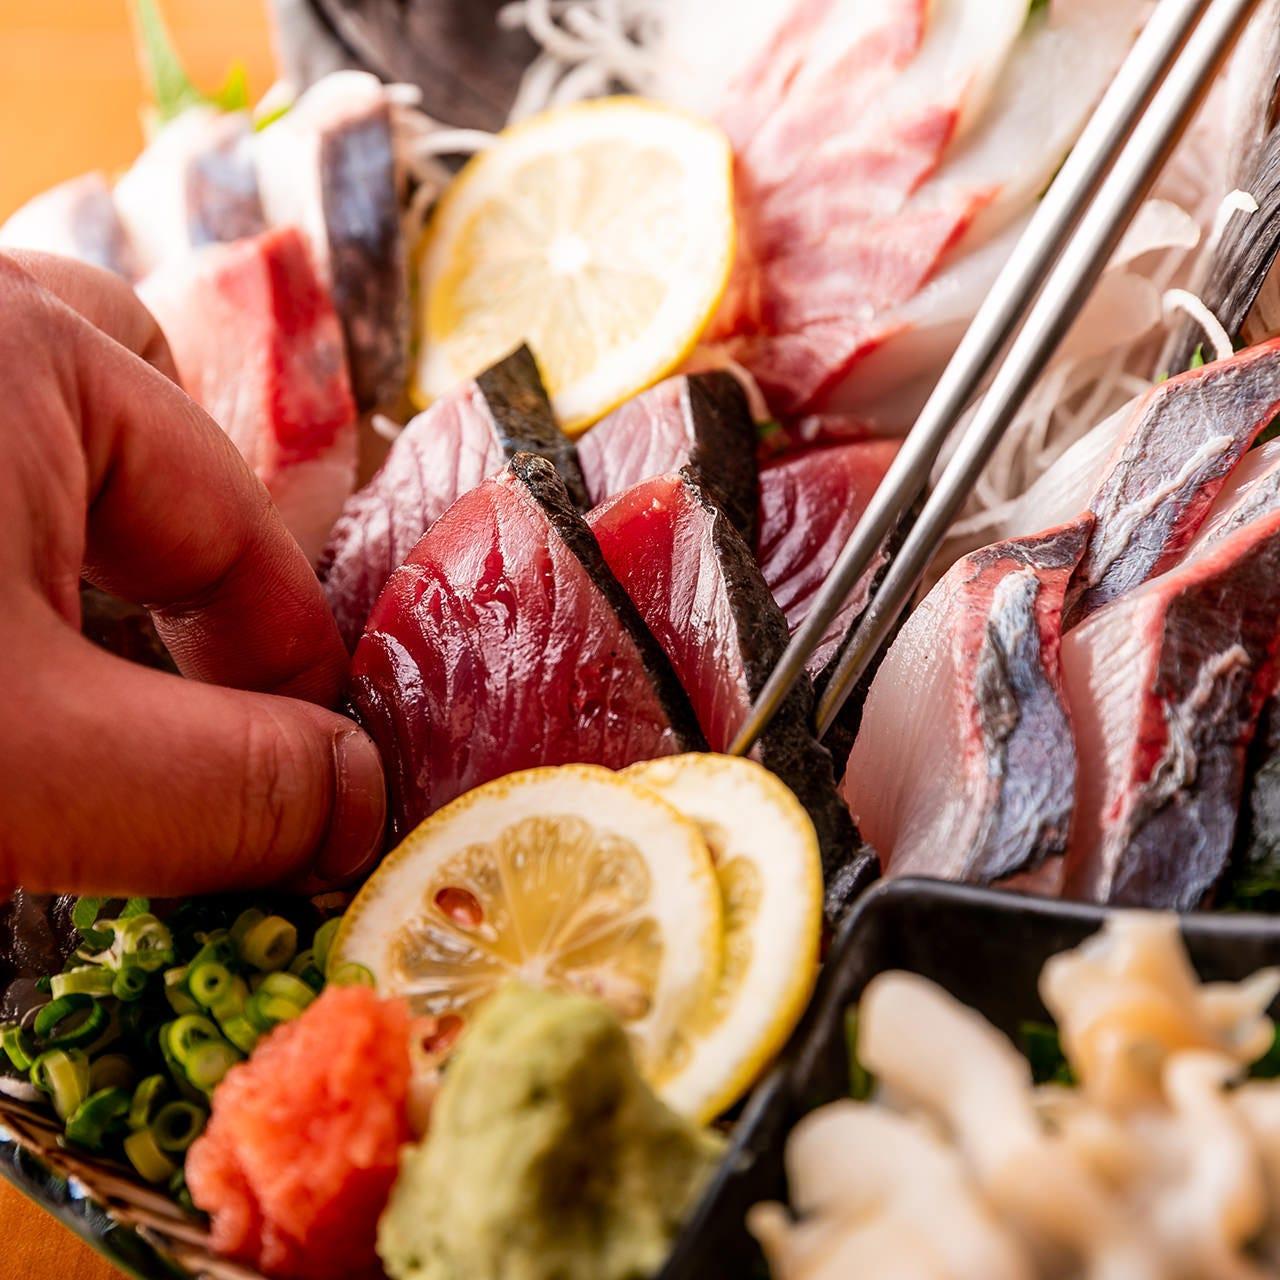 地域最安値に挑戦!コスパ良なお刺身、お寿司をご提供します